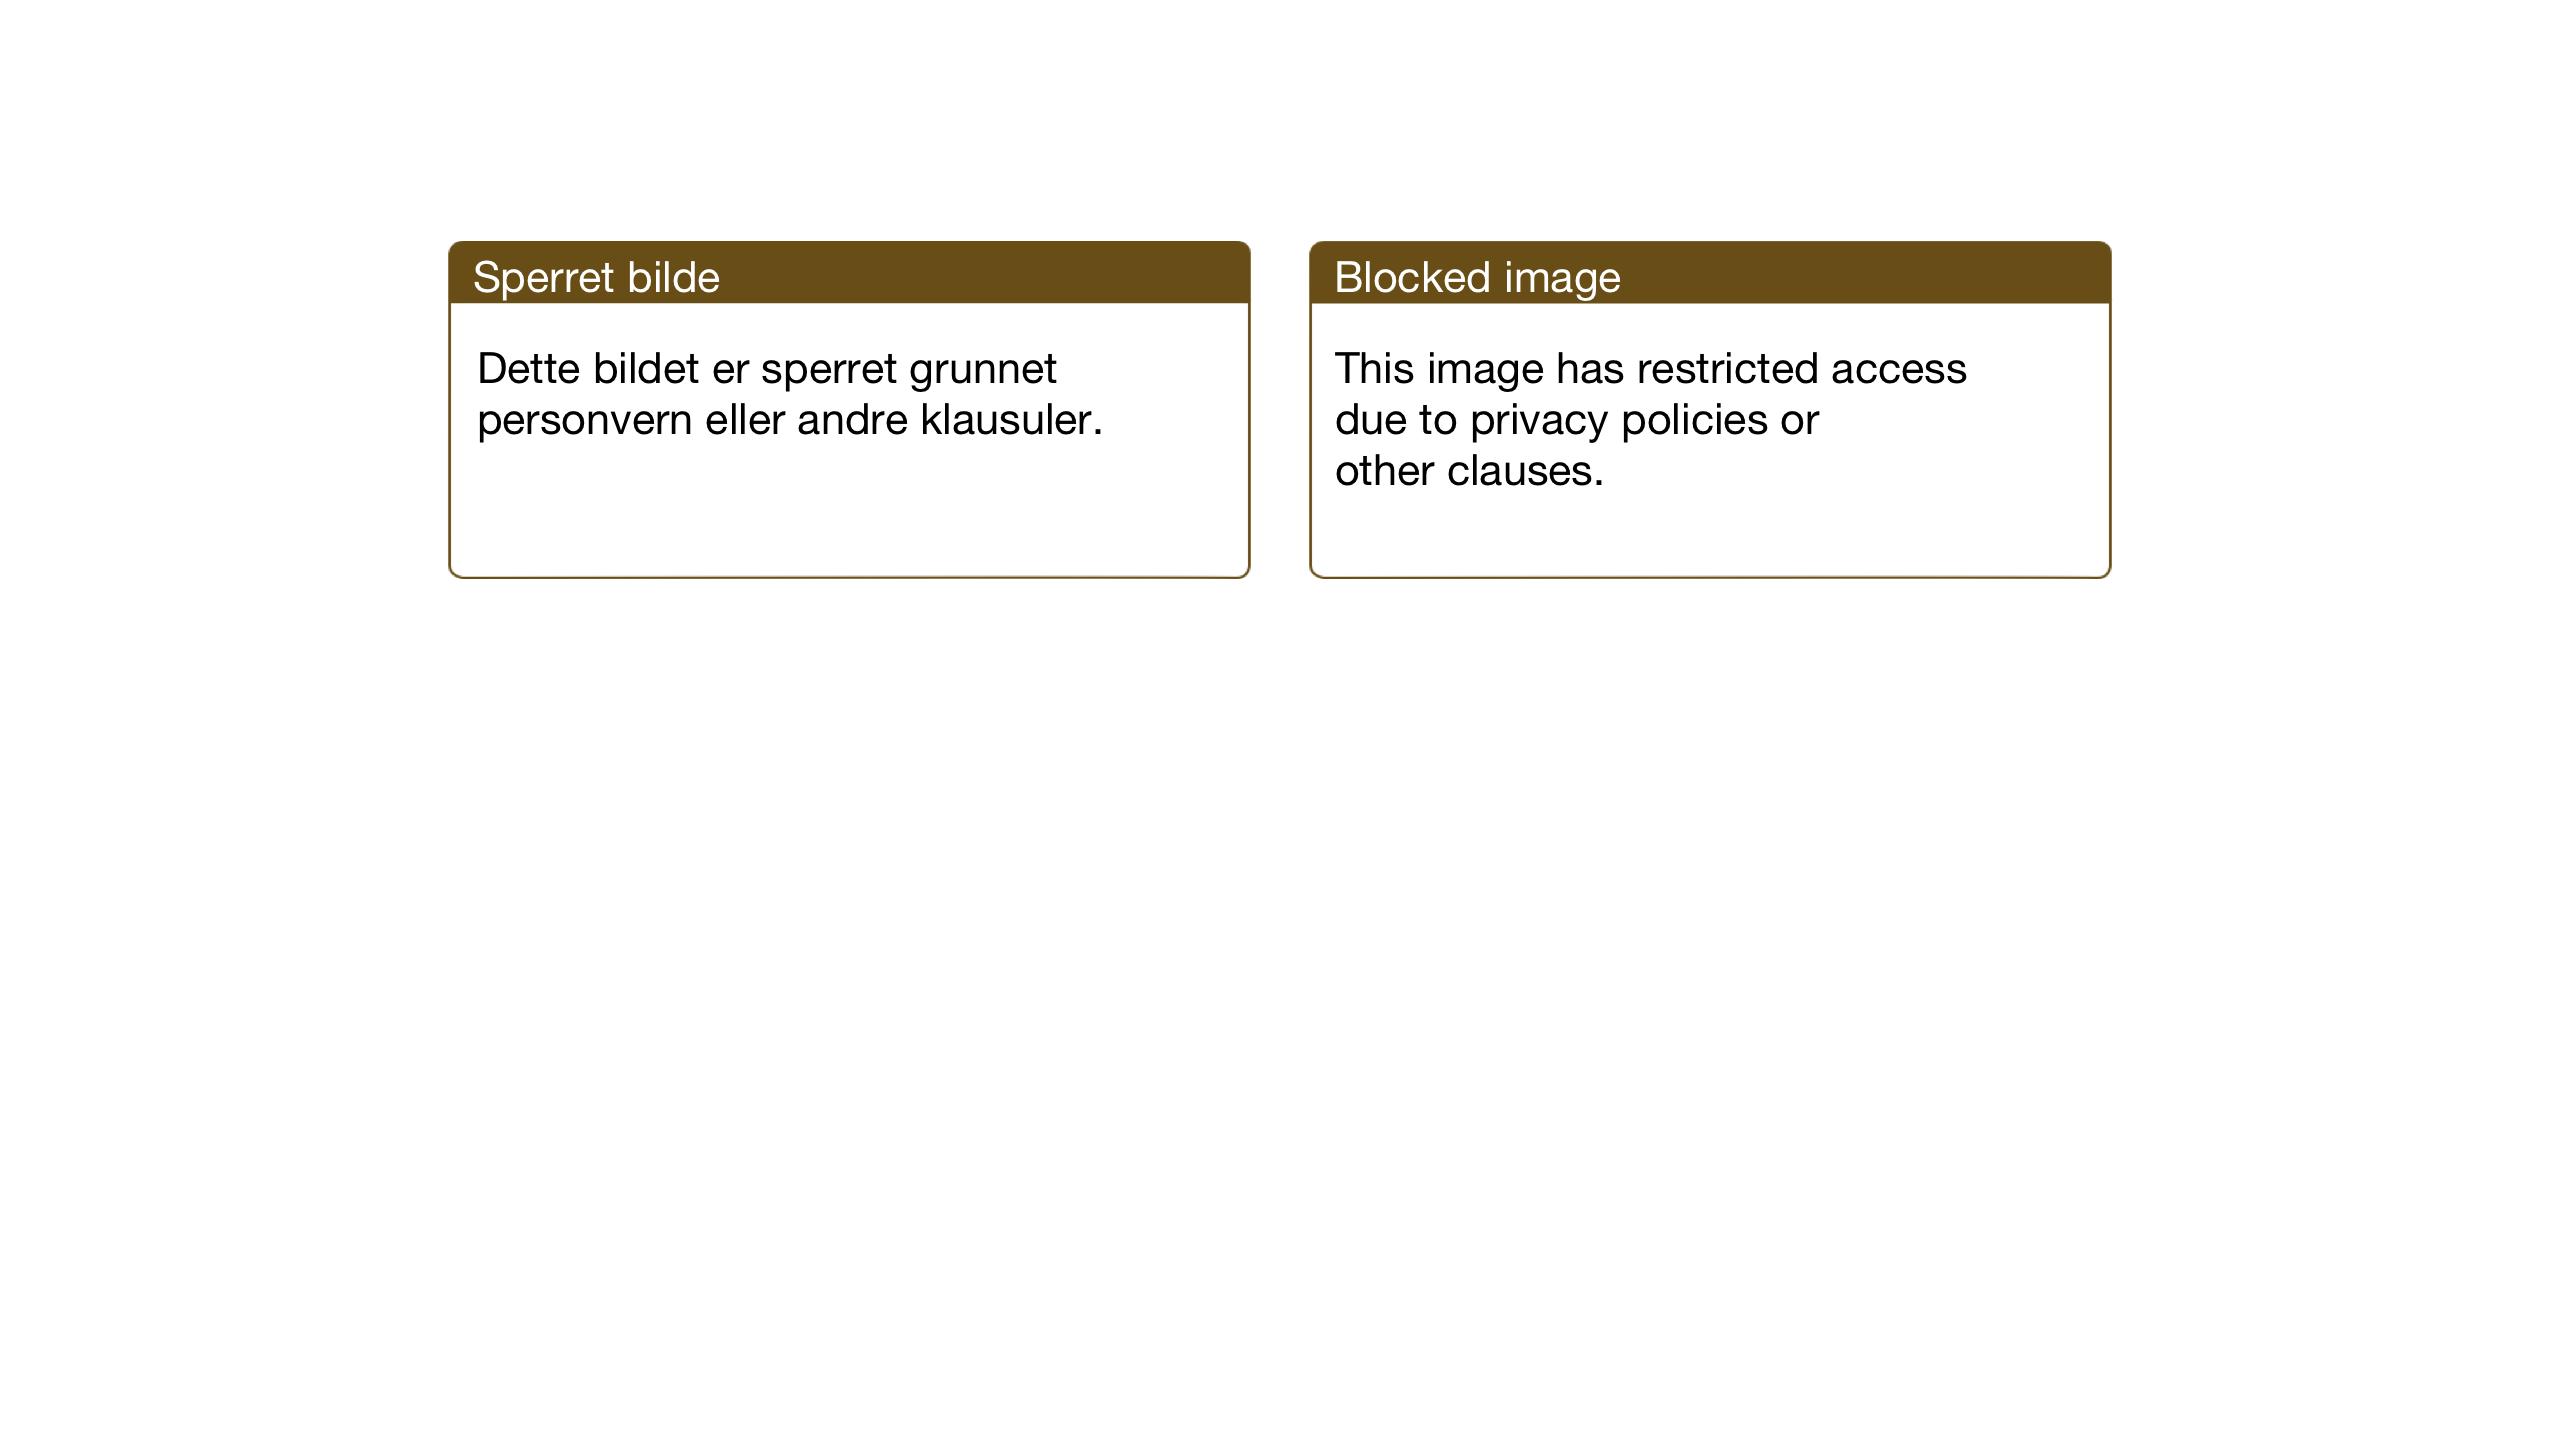 SAT, Ministerialprotokoller, klokkerbøker og fødselsregistre - Nord-Trøndelag, 733/L0328: Klokkerbok nr. 733C03, 1919-1966, s. 135